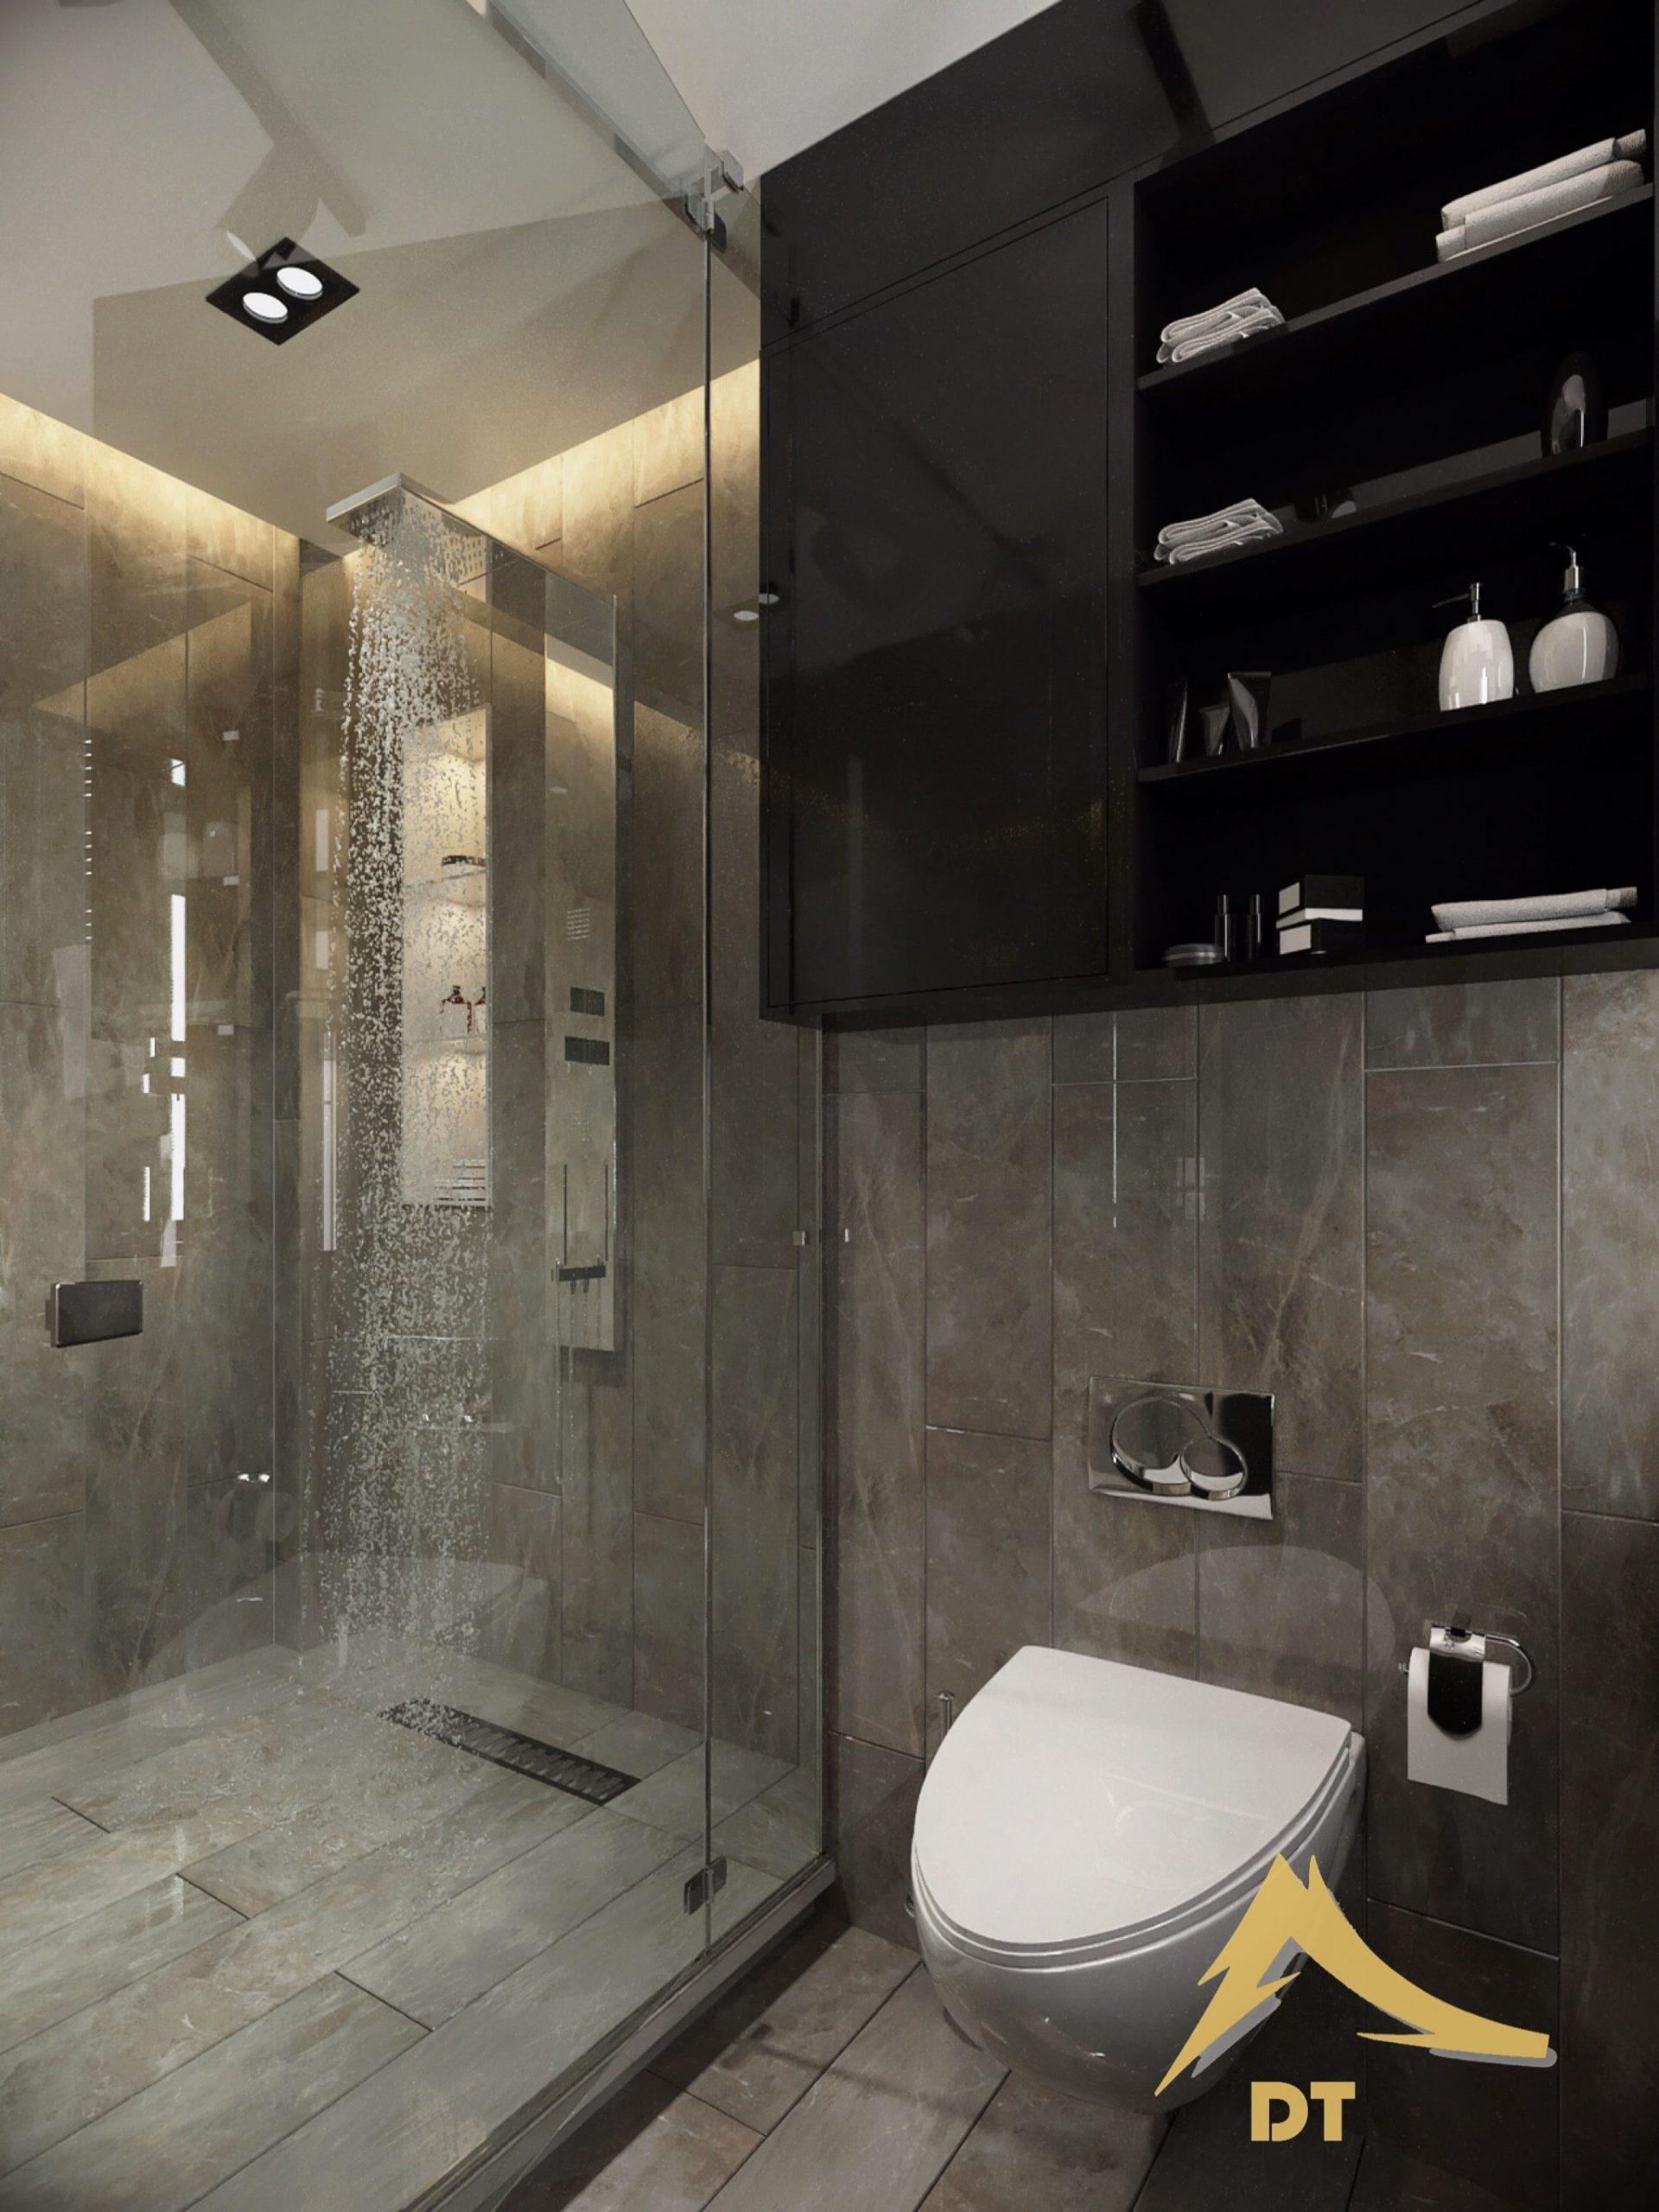 شرکت معماری و دکوراسیون داخلی دکوطرح - hosseinnia niavaran 14 scaled